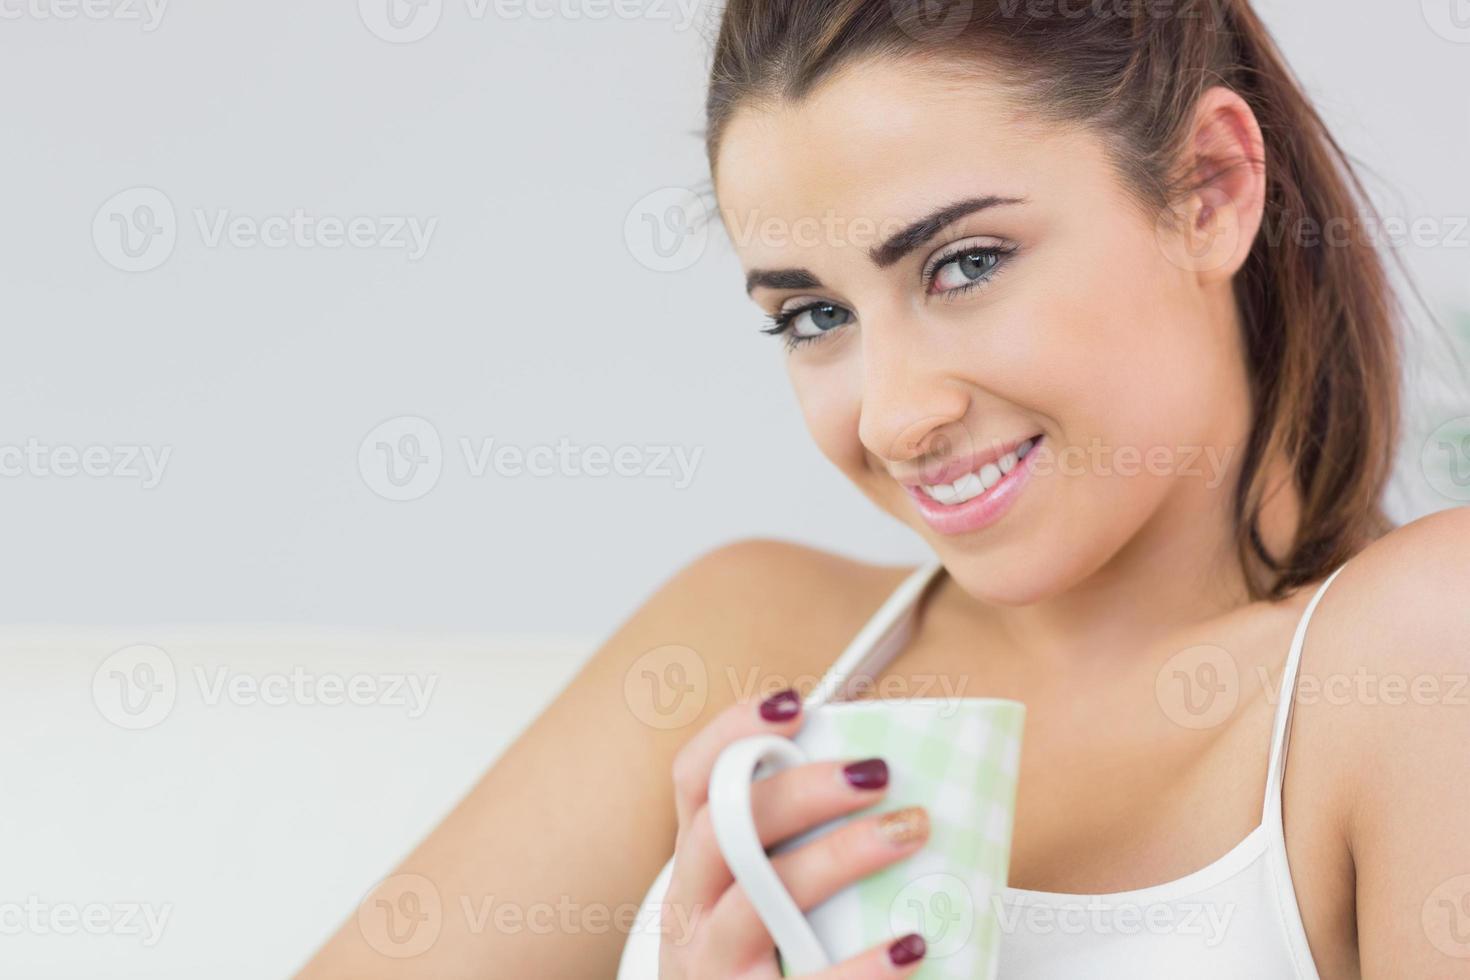 fröhliche junge Frau, die eine Tasse hält foto